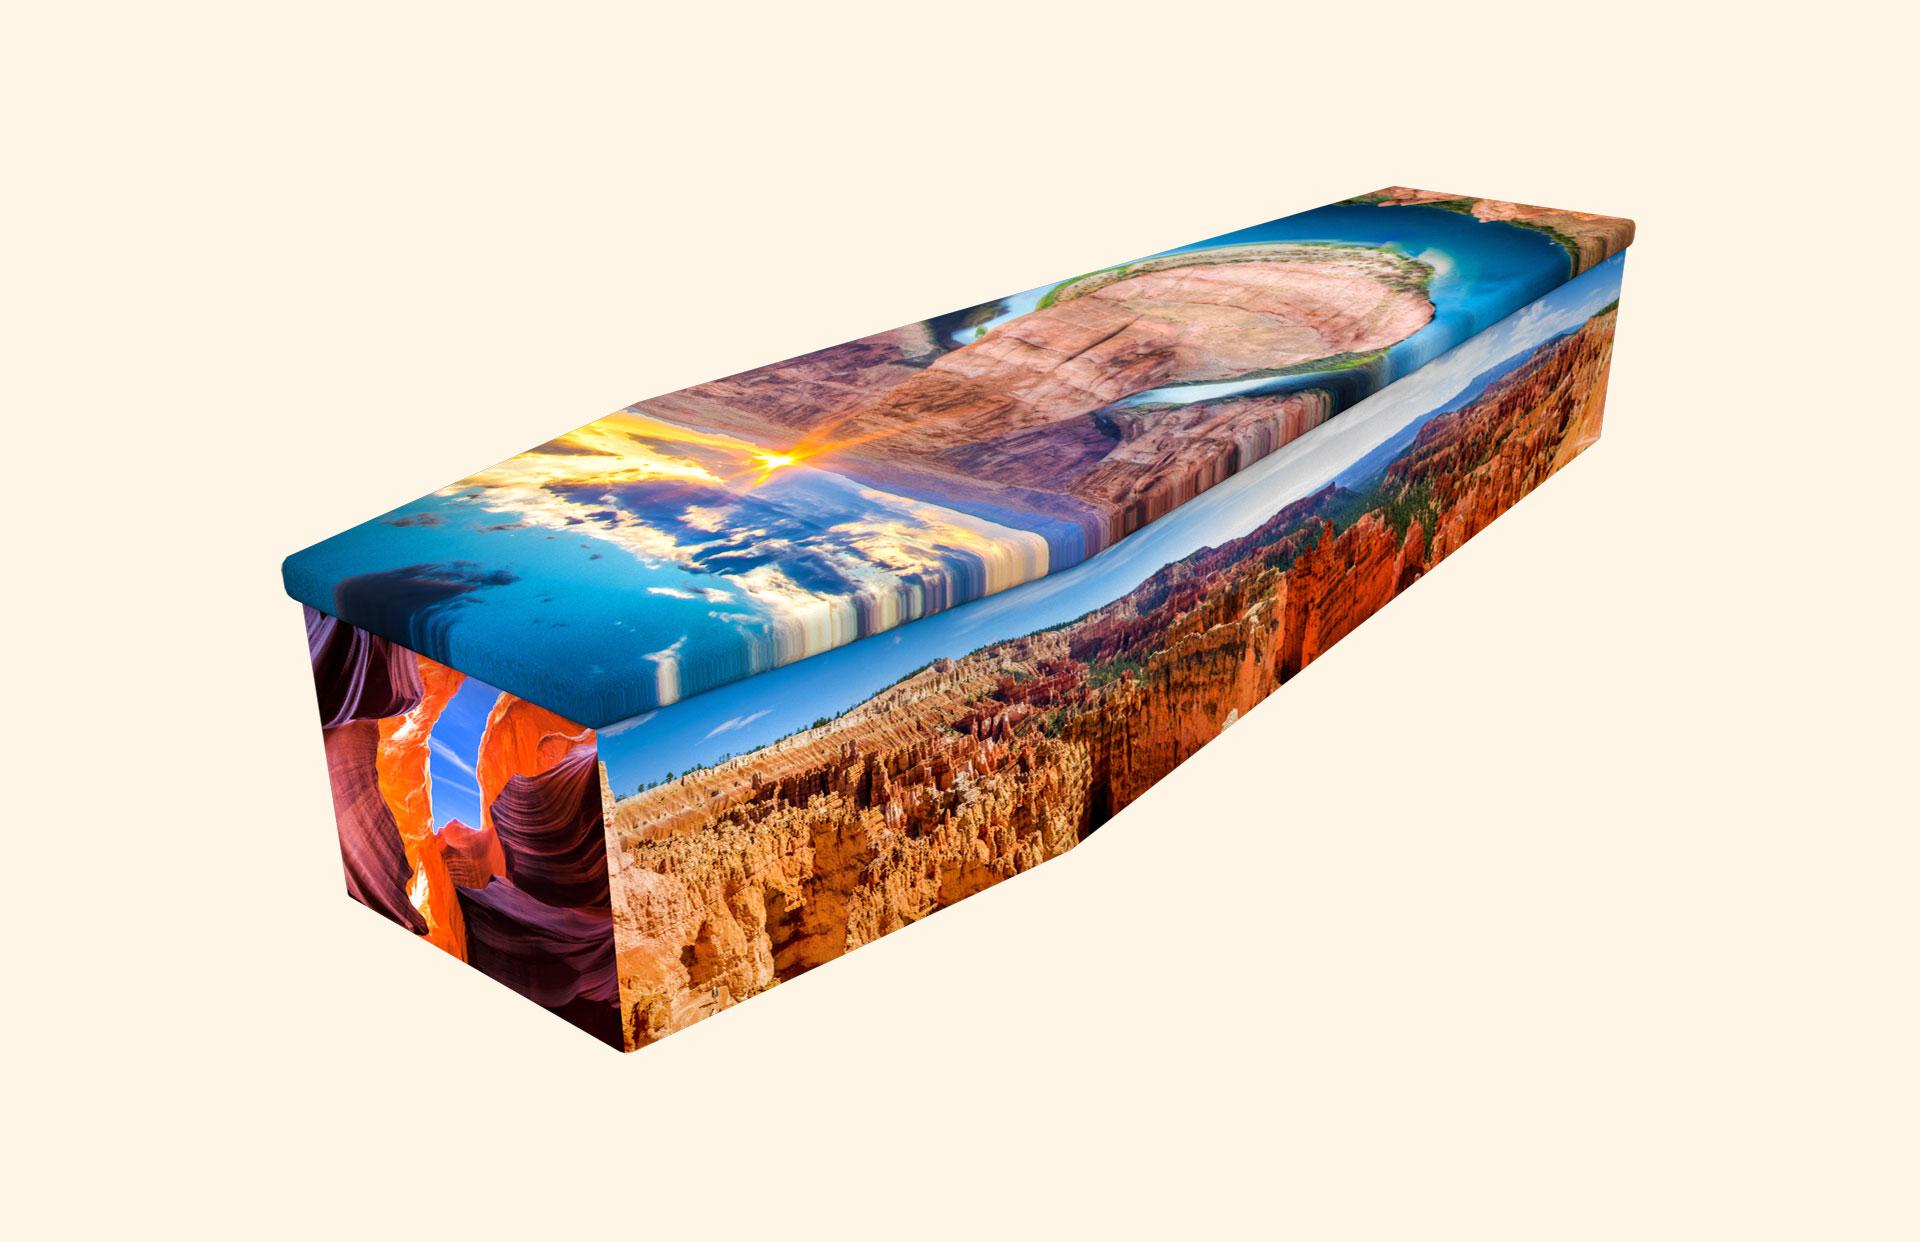 Grand Canyon cardboard coffin